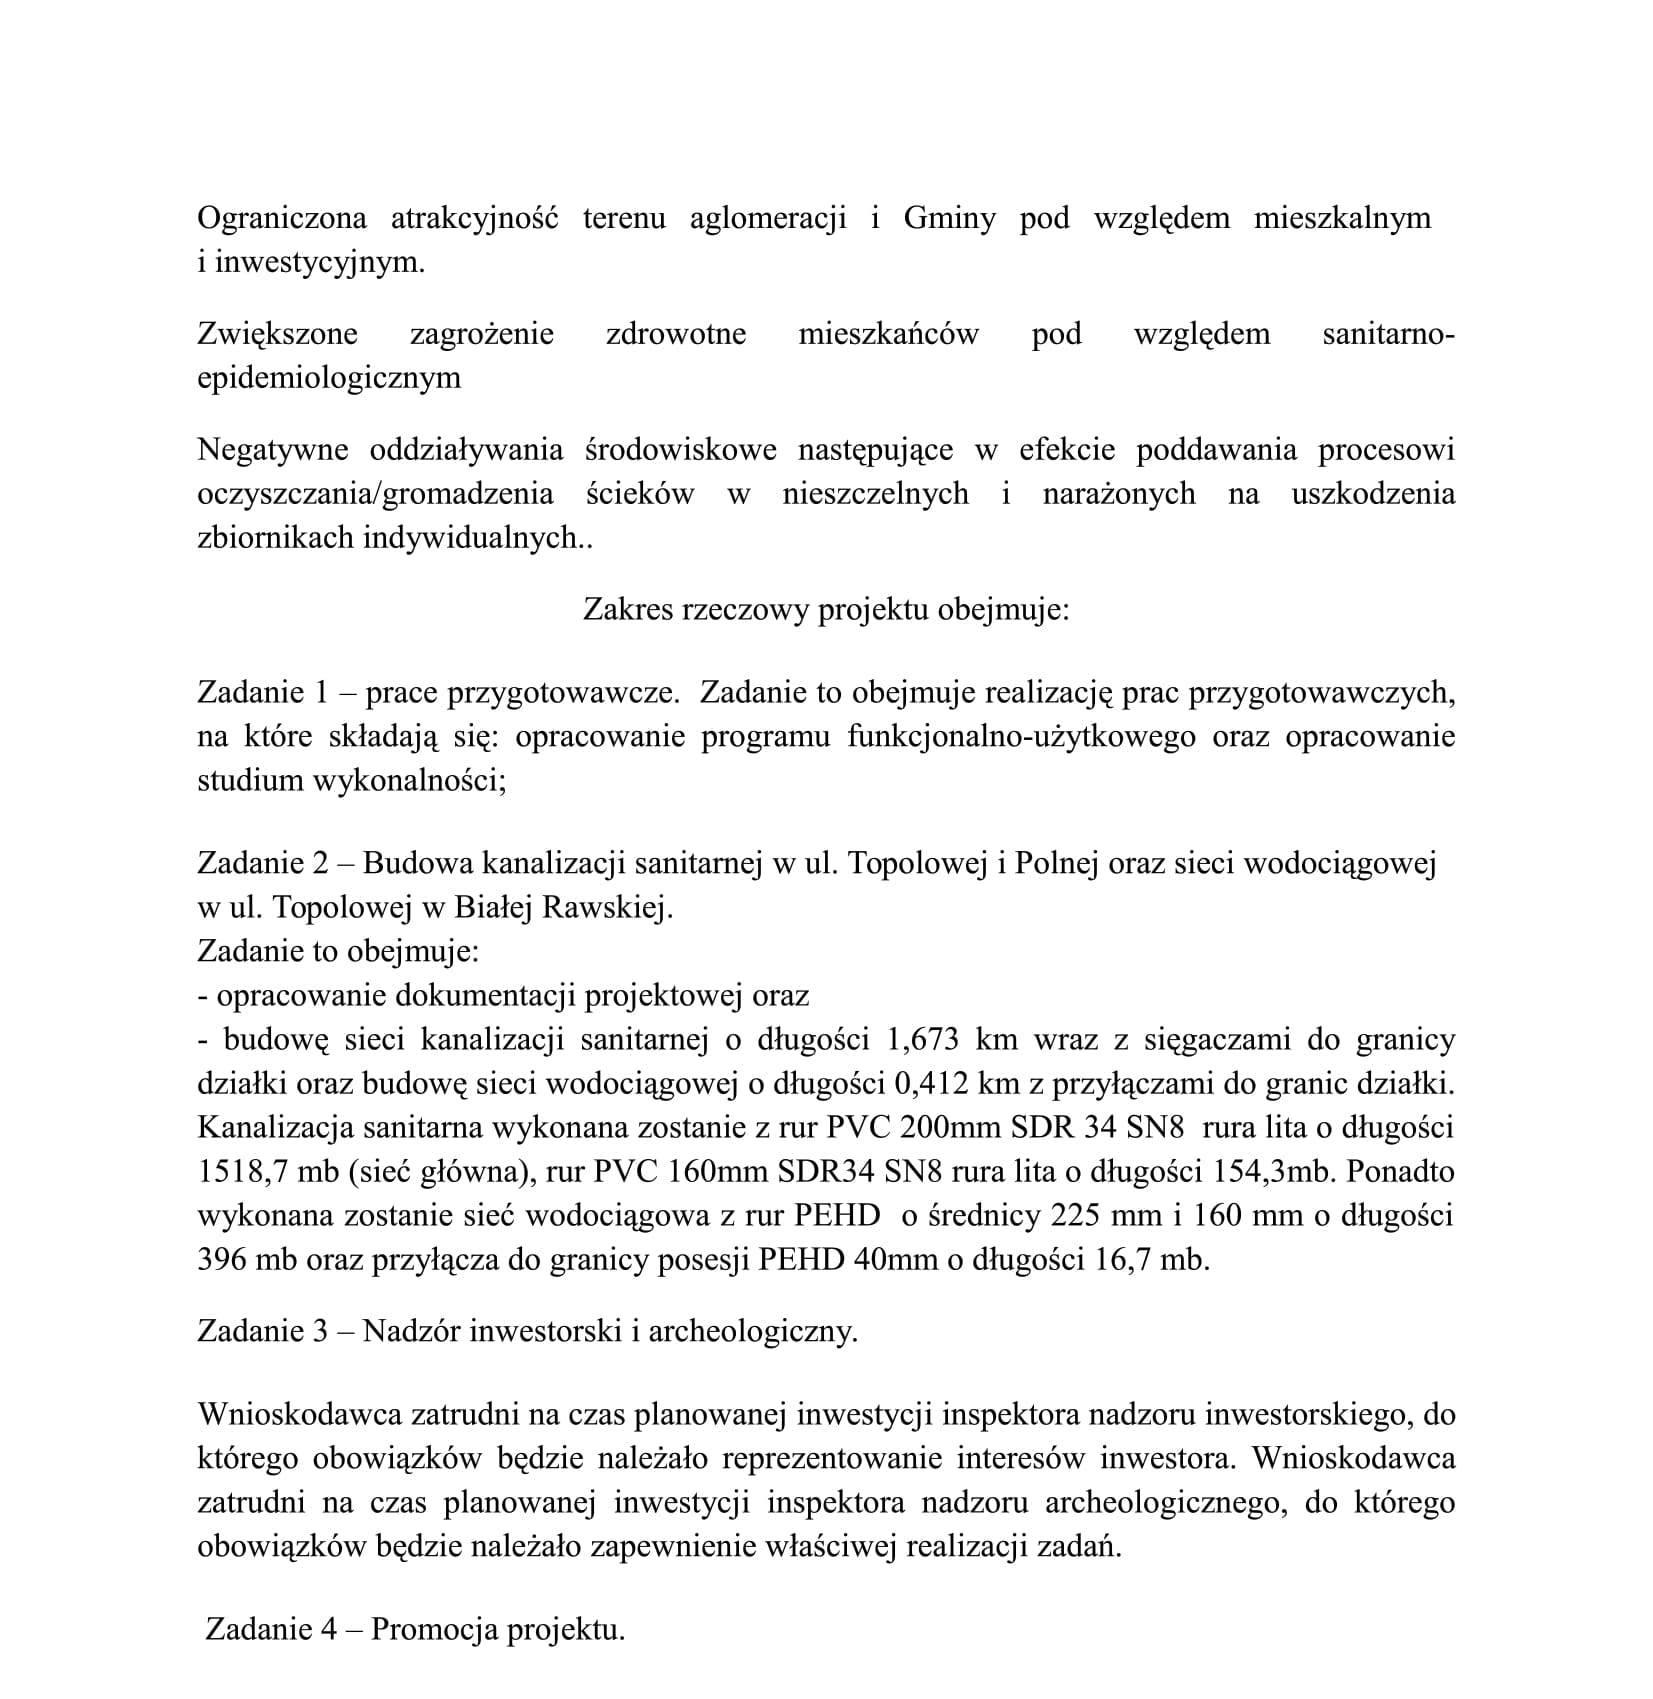 informacjana_strone__kanalizacja_topolowa_i_polna2jpg [1653x1699]